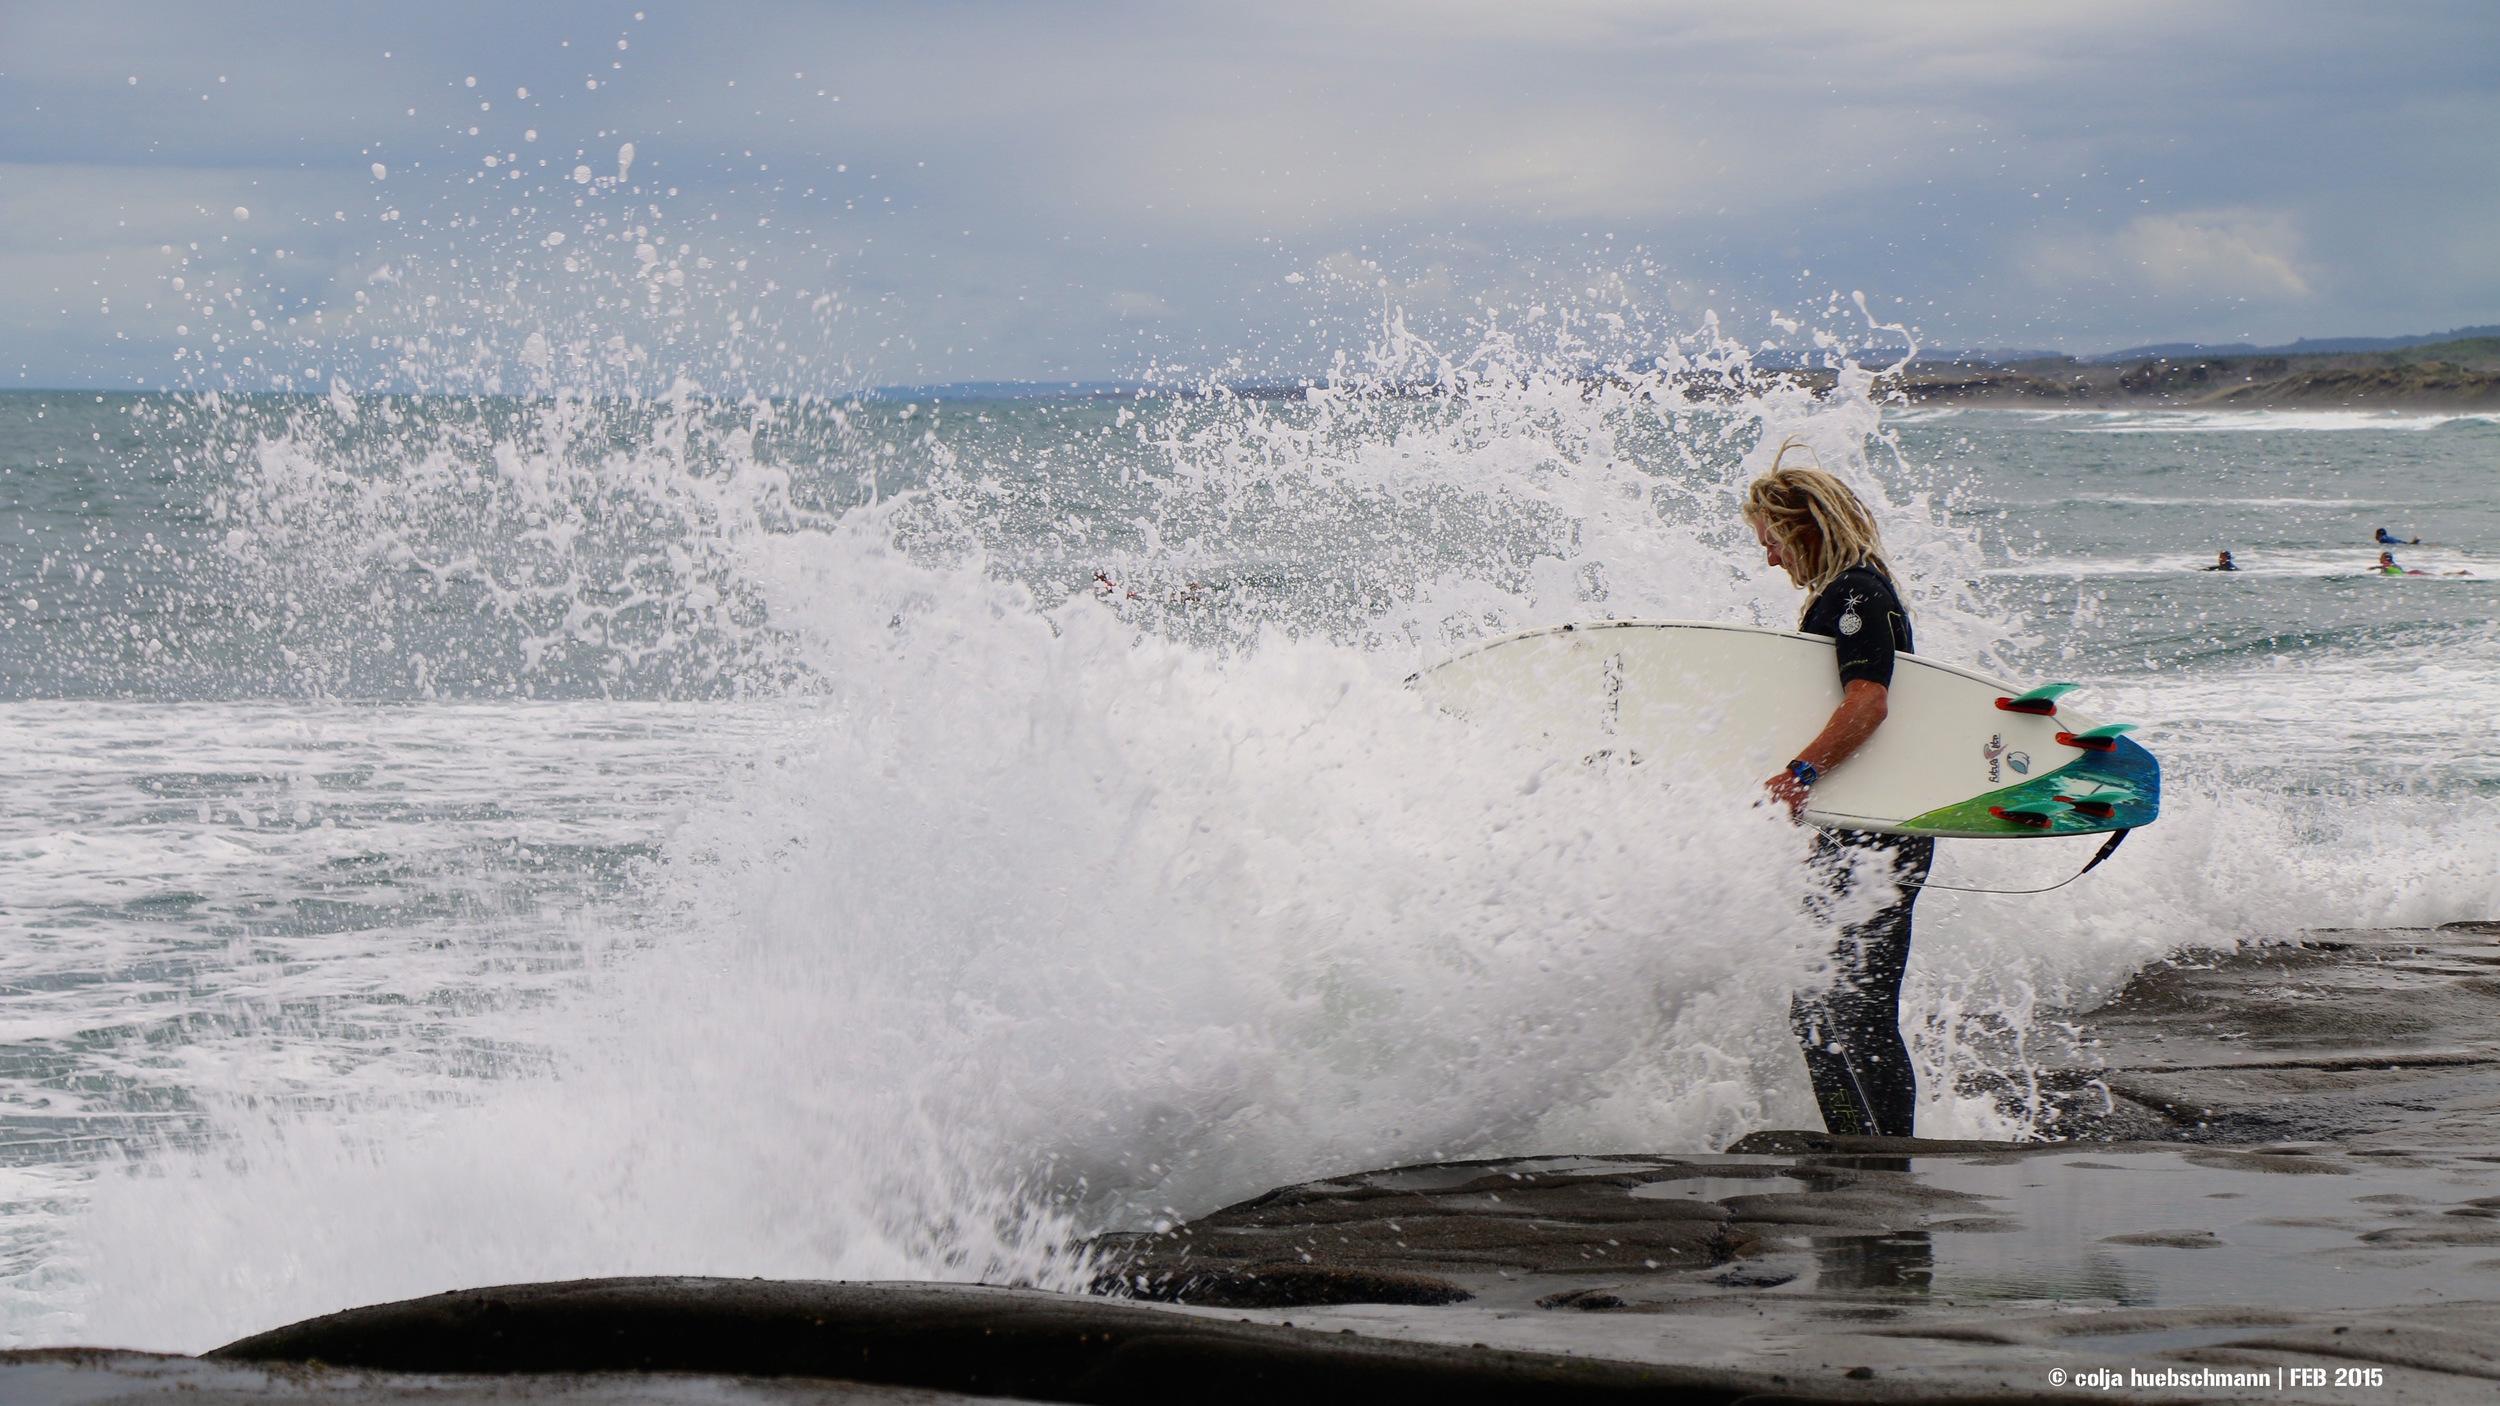 Surfer at Muriwai beach